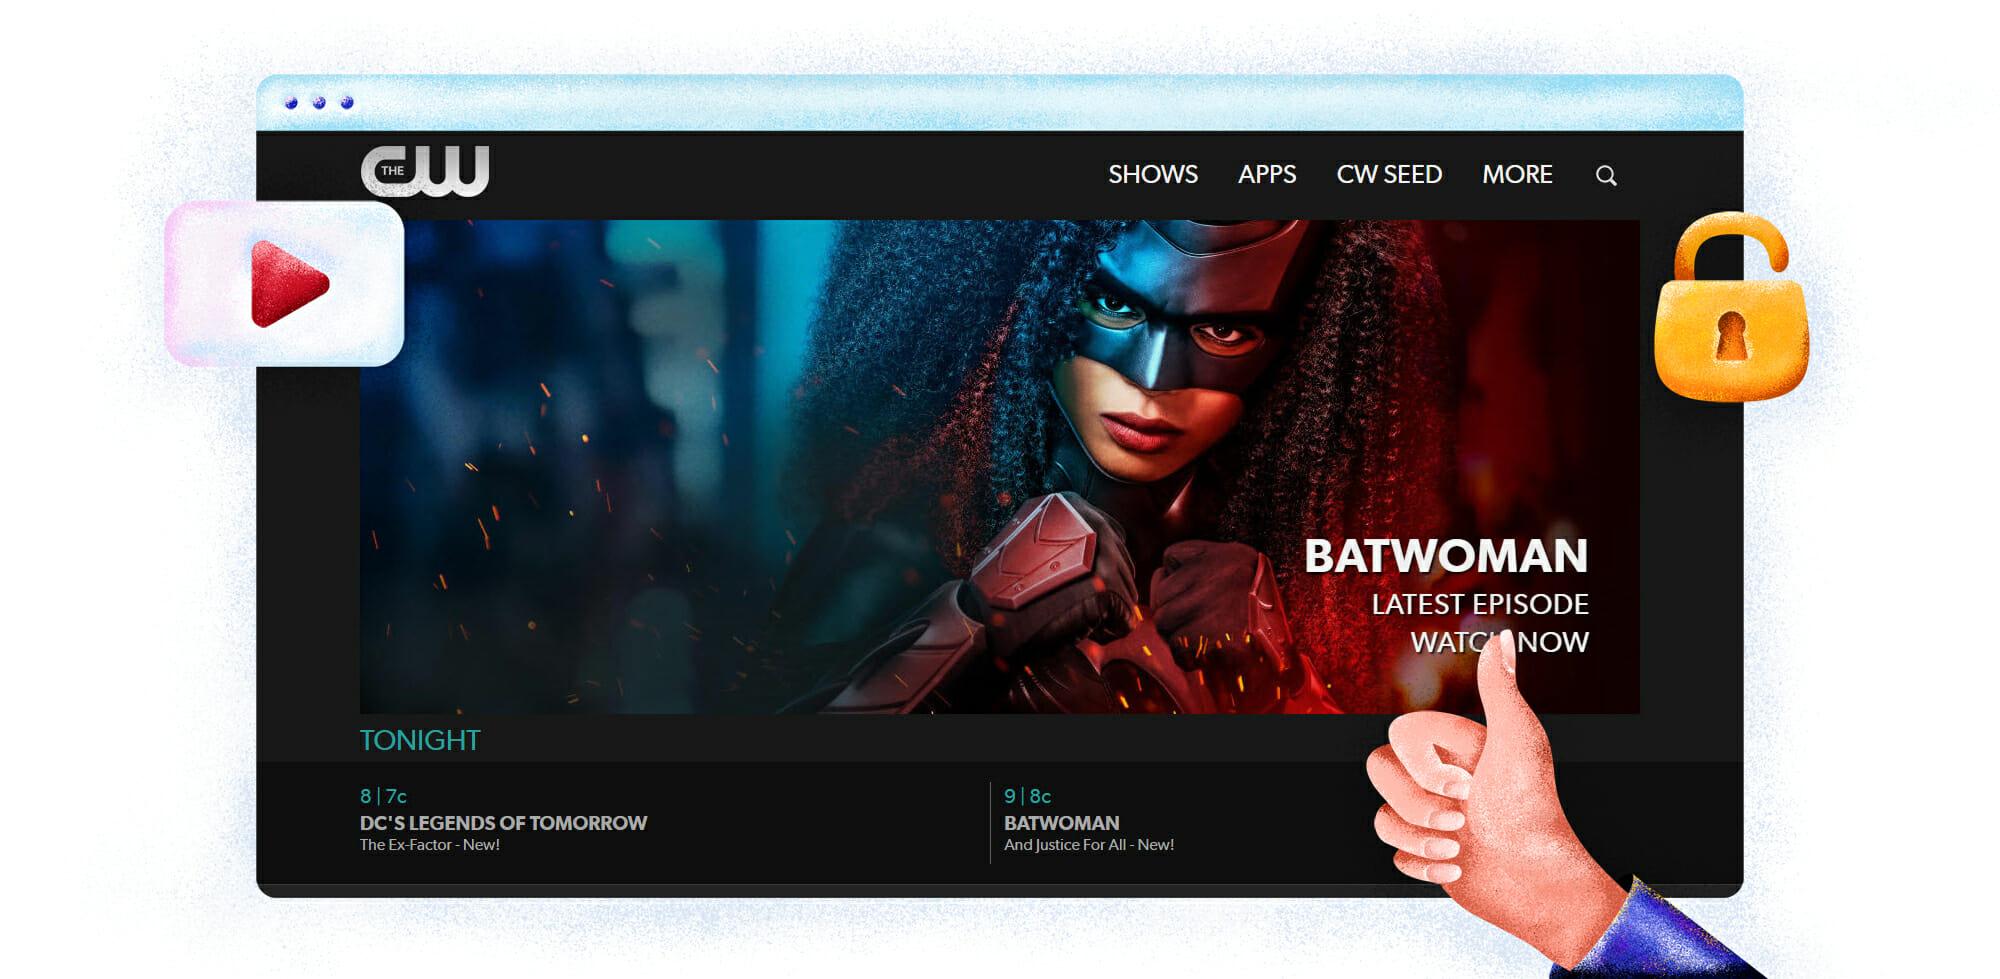 CW TV streaming superhero shows